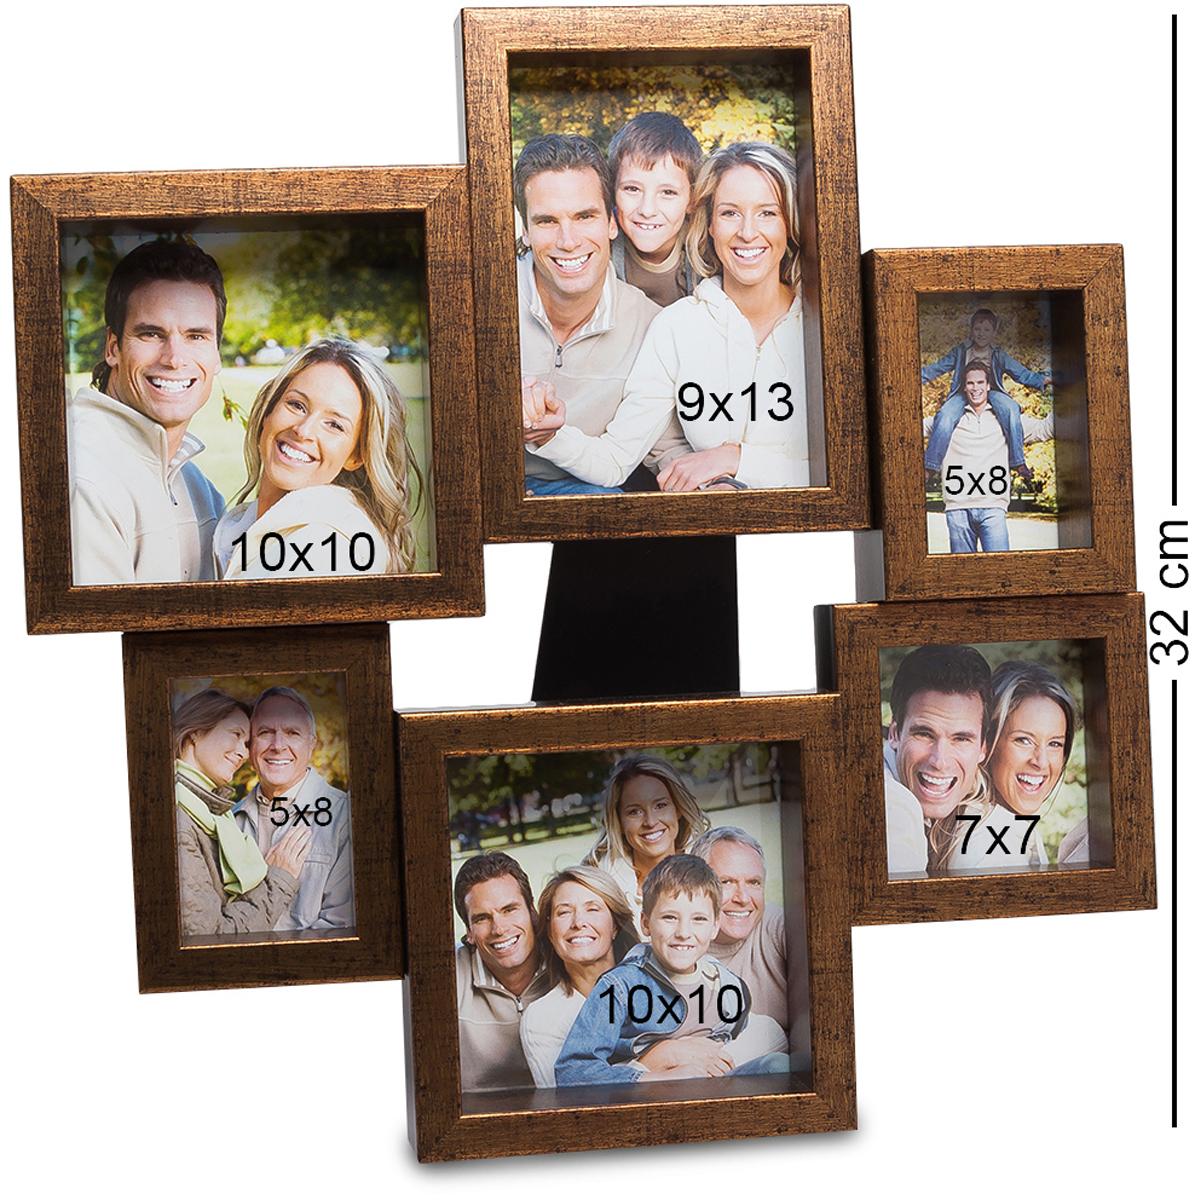 Панно из фоторамок Bellezza Casa Семейный винтаж, на 6 фото: 9х13, 5х8, 7х7, 10х10. CHK-204CHK-204Панно из фоторамок на 6 фото для фотографий 9х13, 5х8, 7х7 и 10х10 см. Фотографии обладают уникальным свойством сохранять памятные моменты семейной истории на долги годы, и даже спустя десятки лет вы можете взглянуть на снимок и заново мысленно пережить уже давно ушедшее время. Семейные снимки, стоящие на столике или в шкафу - это то, без чего невозможно представить себе дом любой семьи. Фоторамка-панно Семейный винтаж - это не одна рамка для фотографии, а целых 6, соединенных в единое целое. Рамки имею разный размер и форму, но вместе выглядят необычно и здорово. Сохраните самые важные моменты вашей жизни с помощью рамки Семейный винтаж, и они будут неподвластны времени.